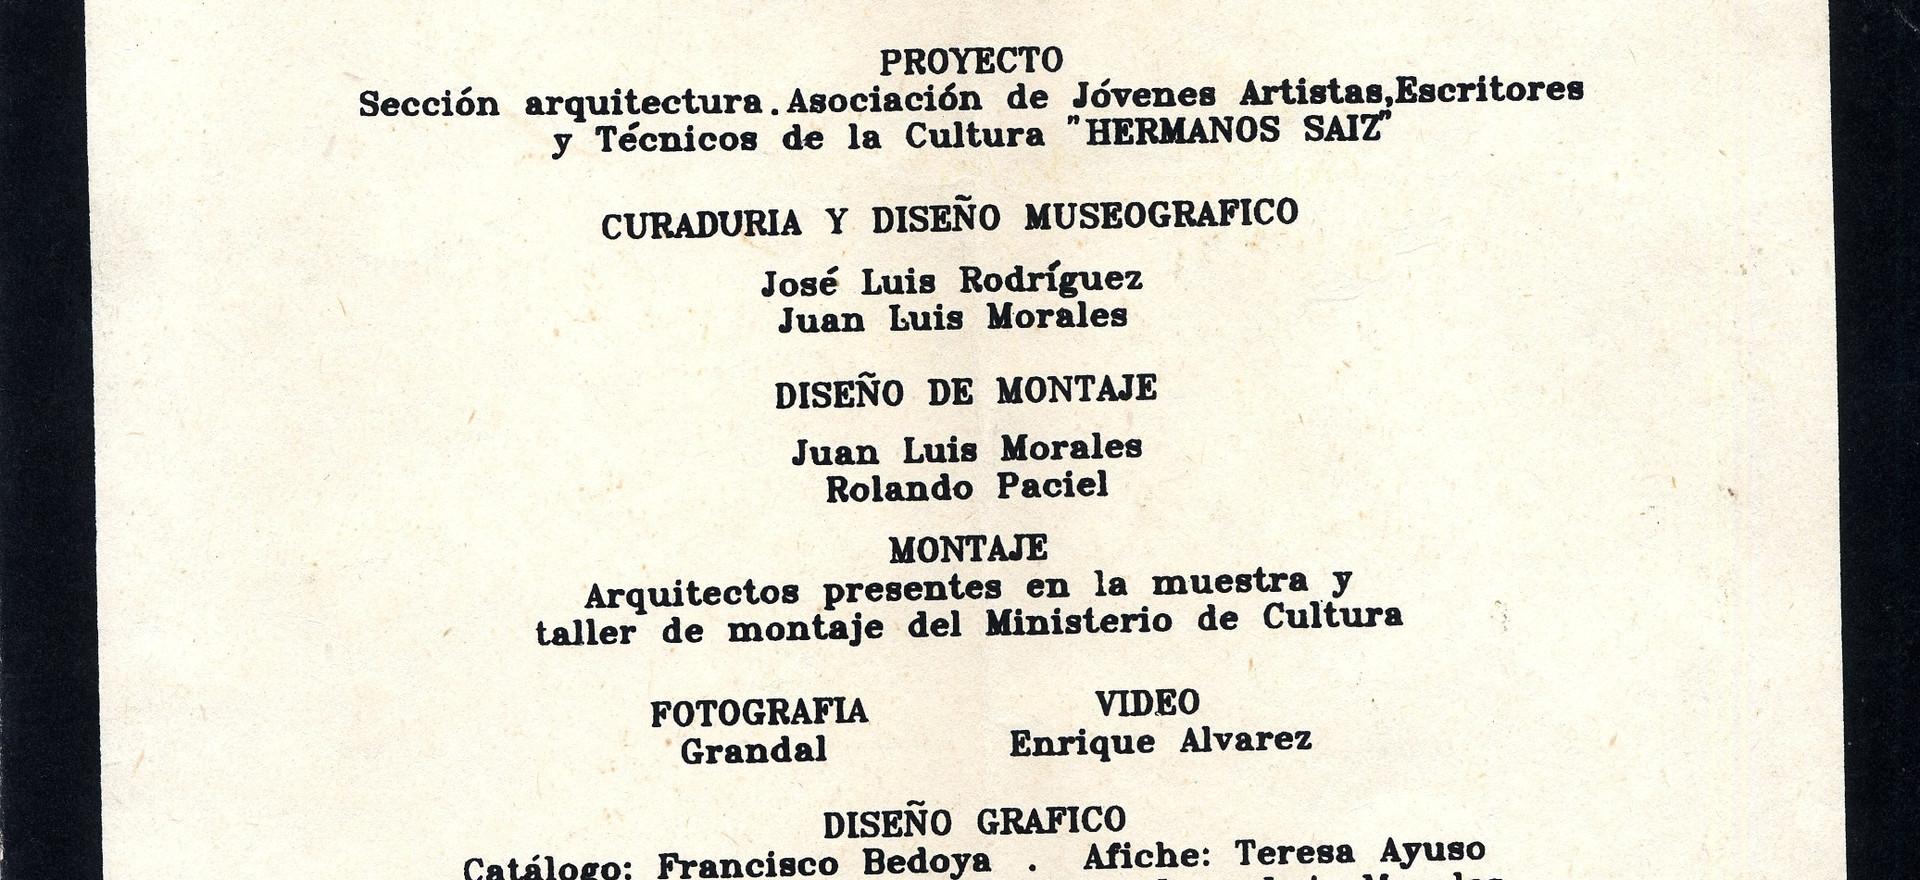 Arquitectura Joven Cubana. Centro de Artes Visuales. La Habana.1990